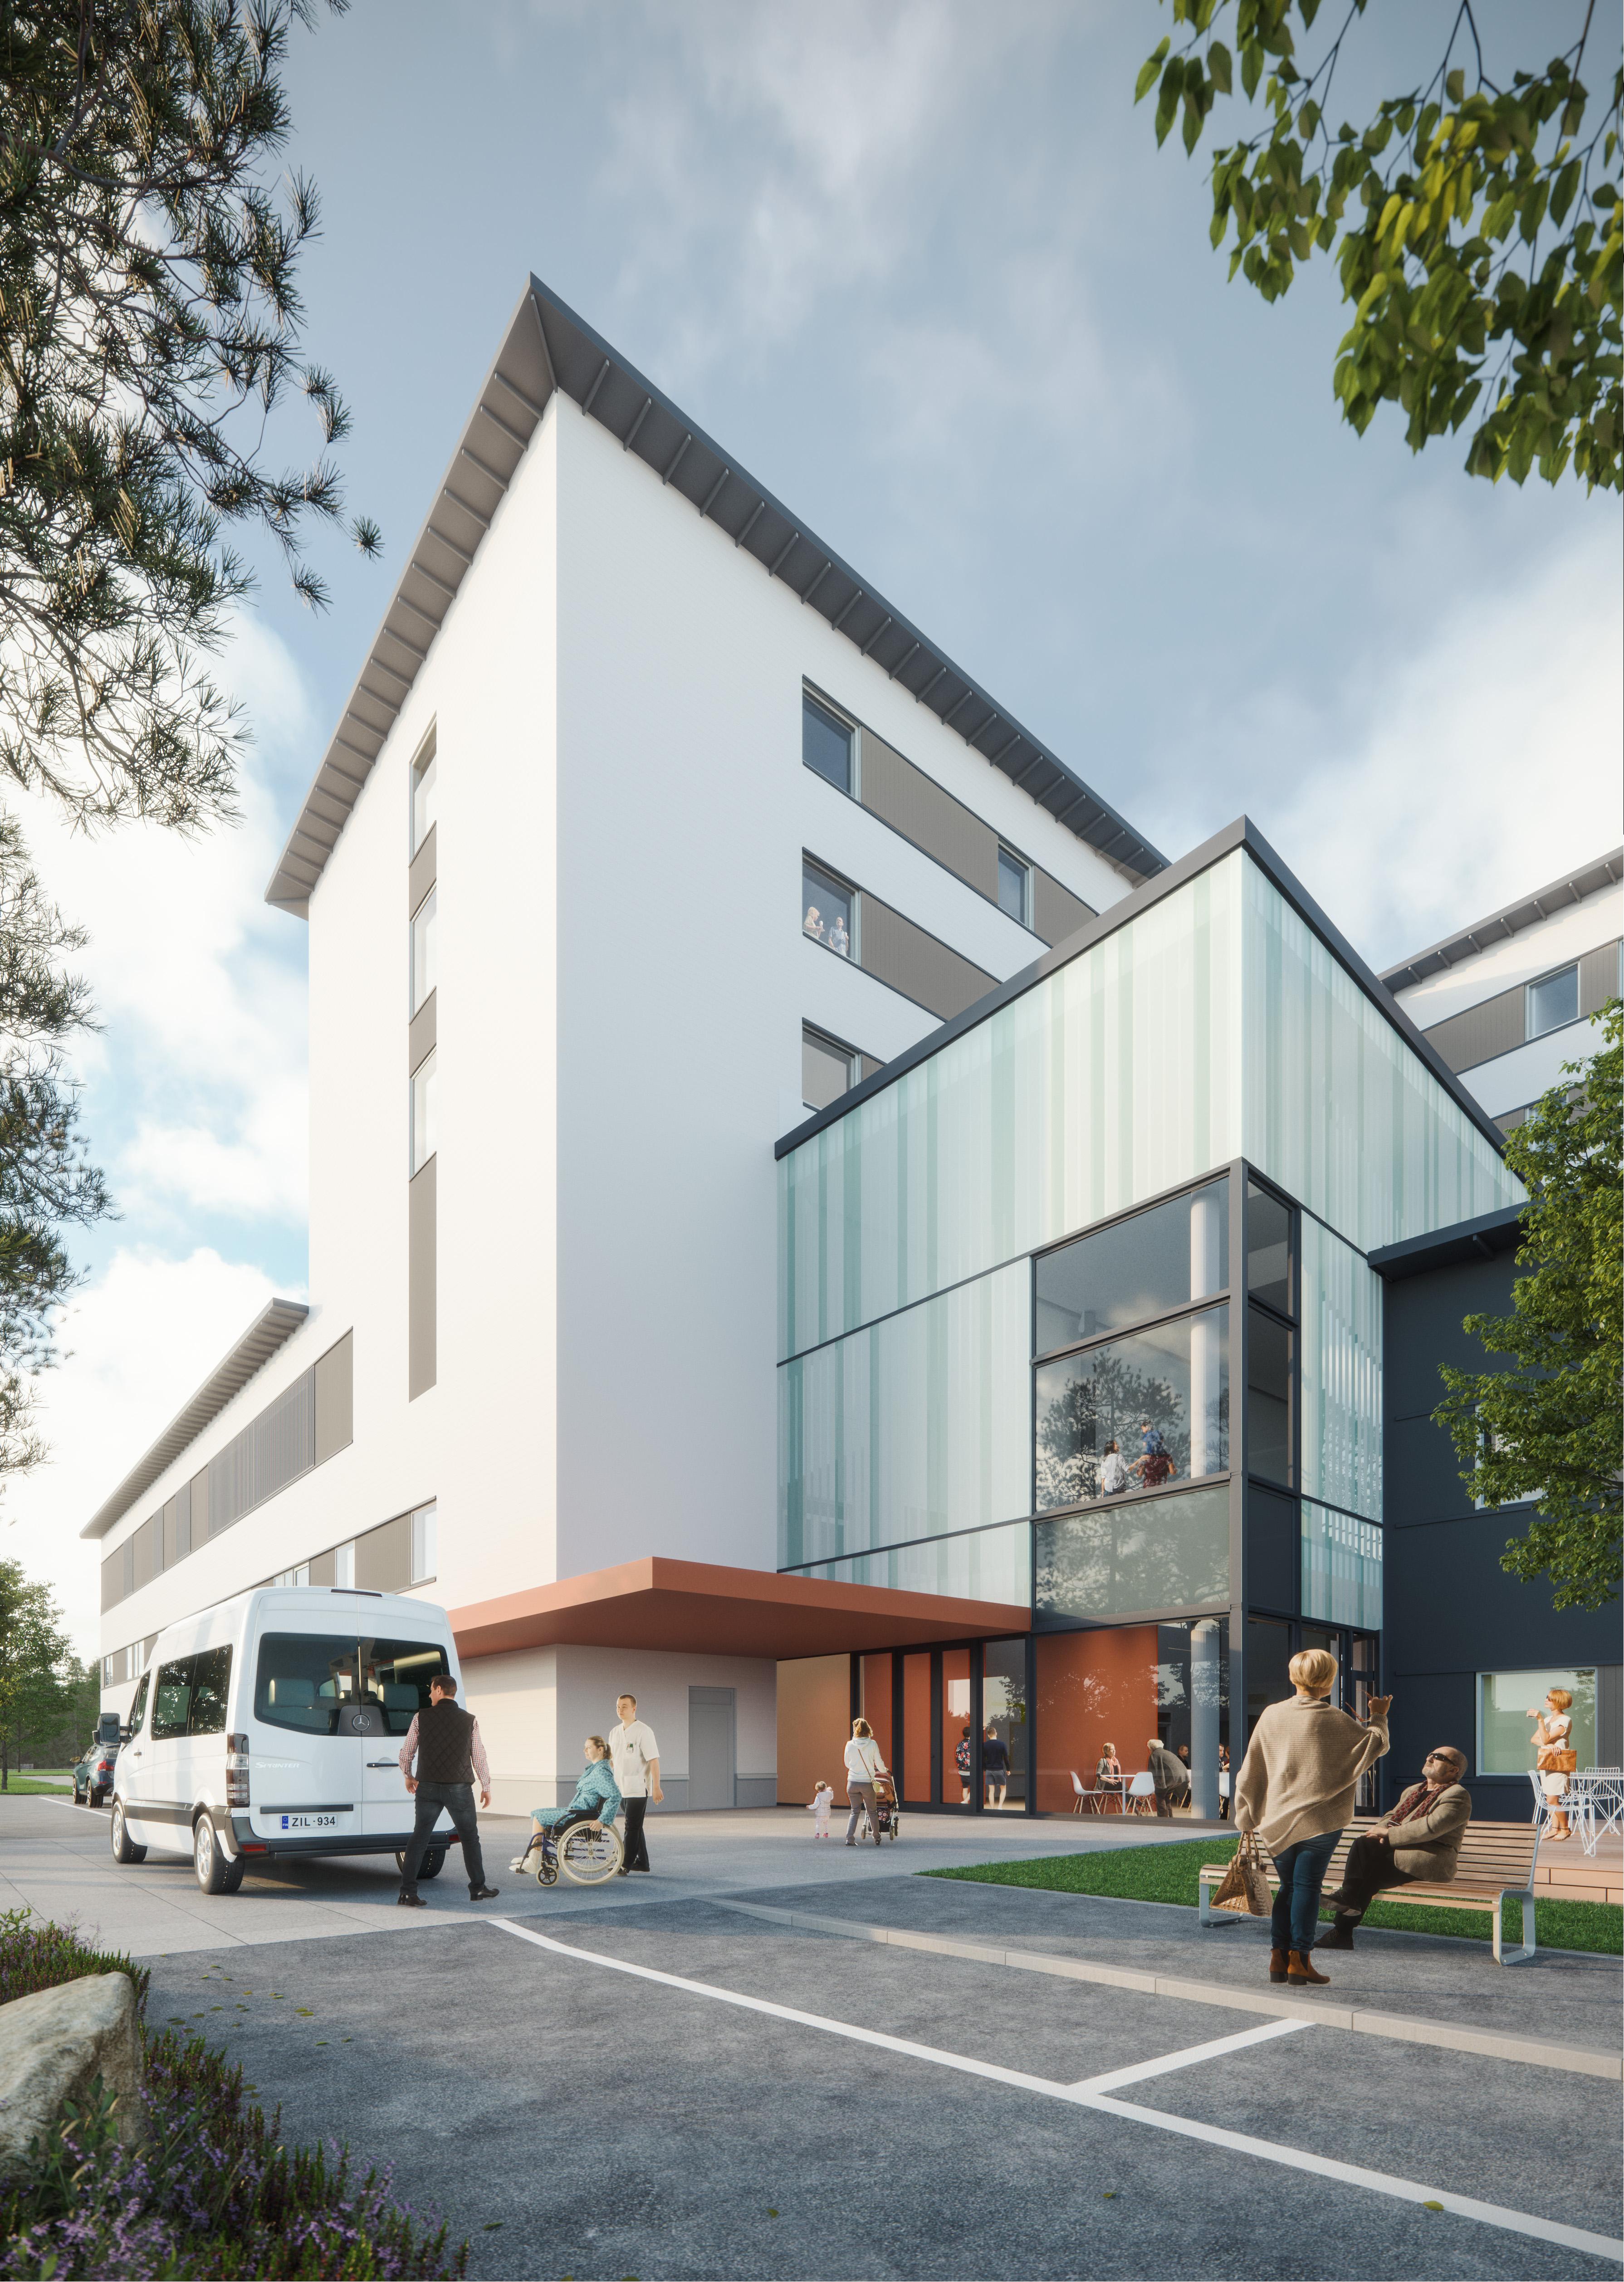 Kainuun uusi sairaala, pääsisäänkäynti